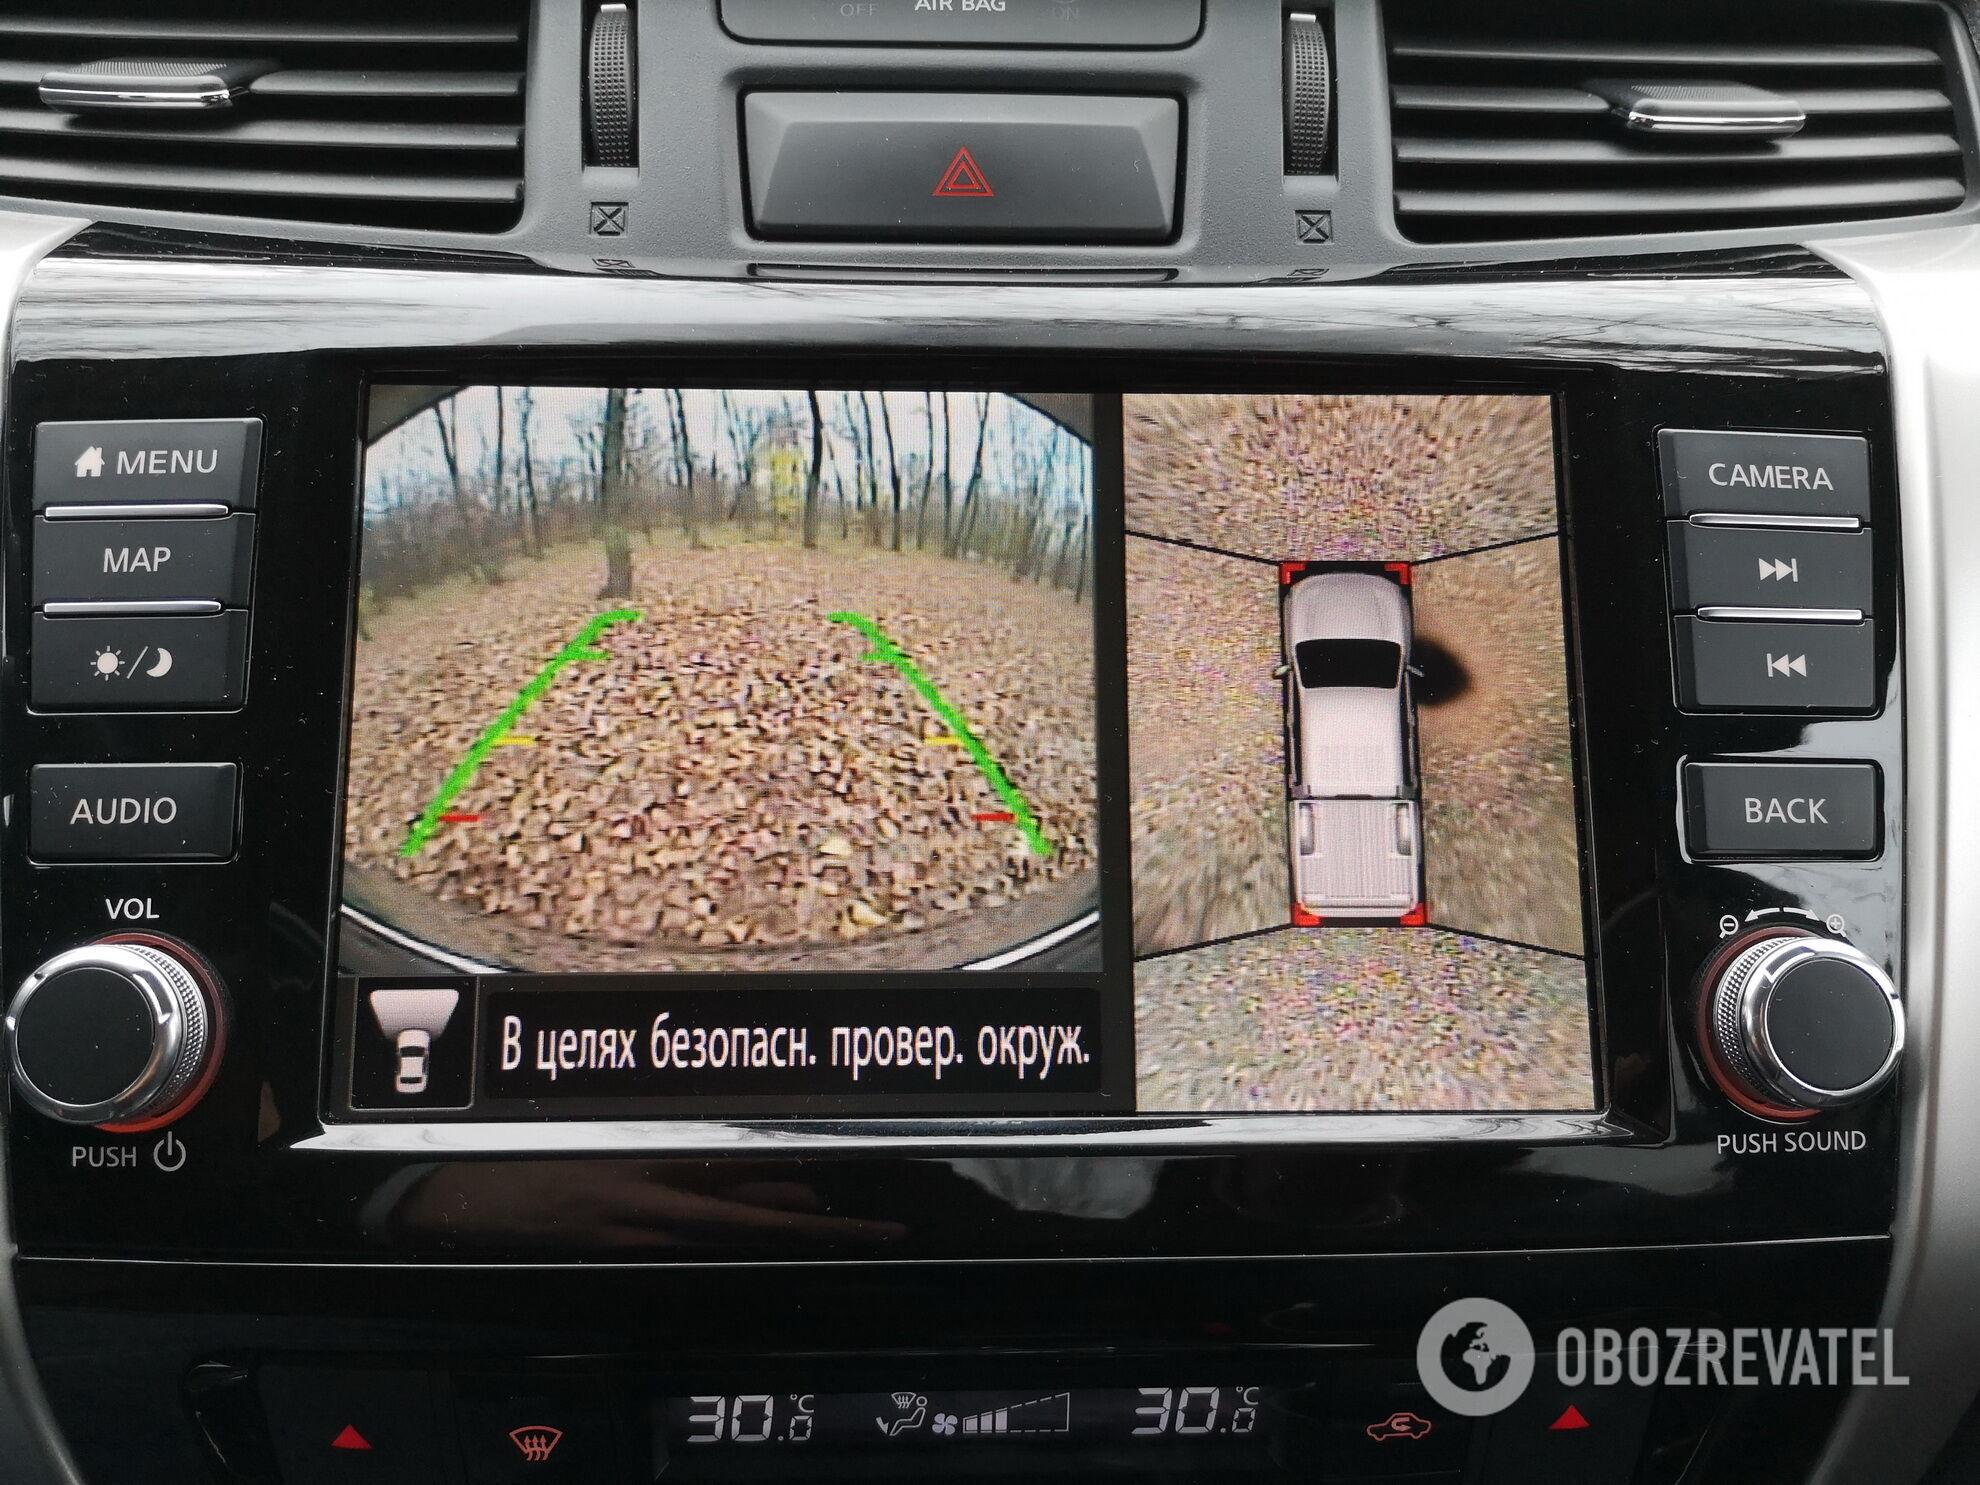 Фирменная система кругового обзора и большие зеркала заднего вида позволяют припарковать автомобиль в самых стесненных условиях